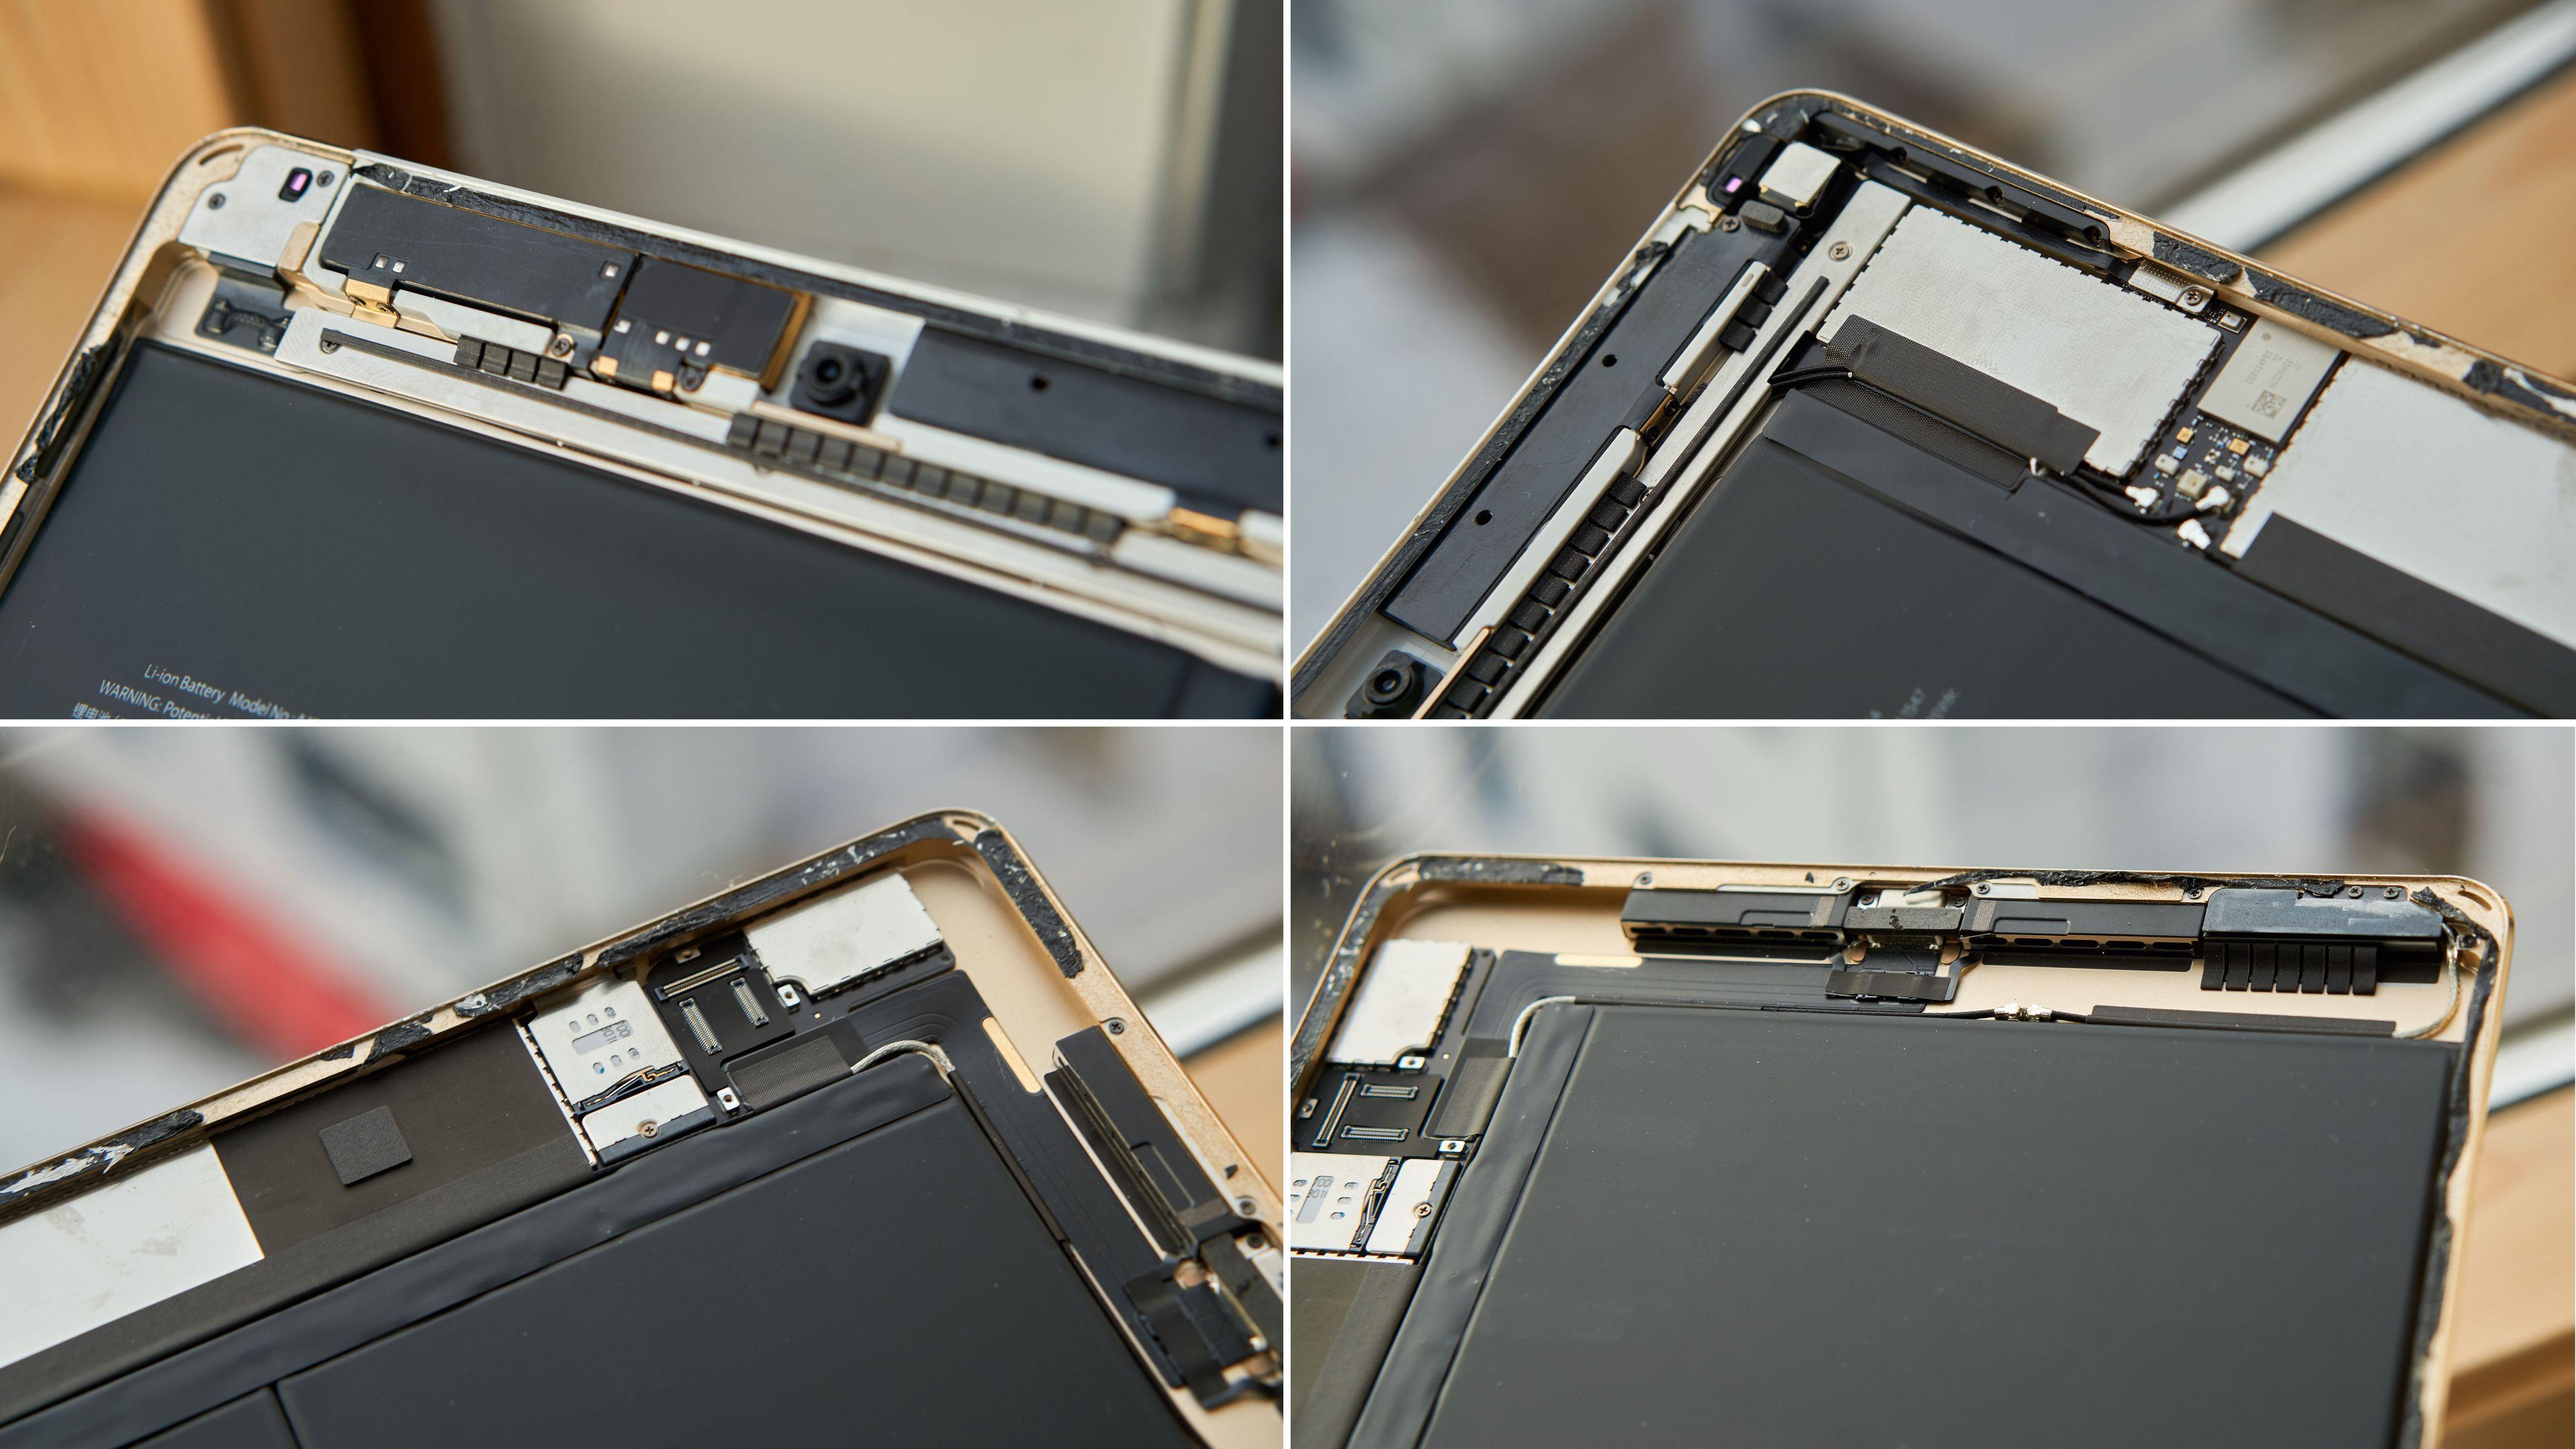 Detaljer fra innsiden av iPad-en.